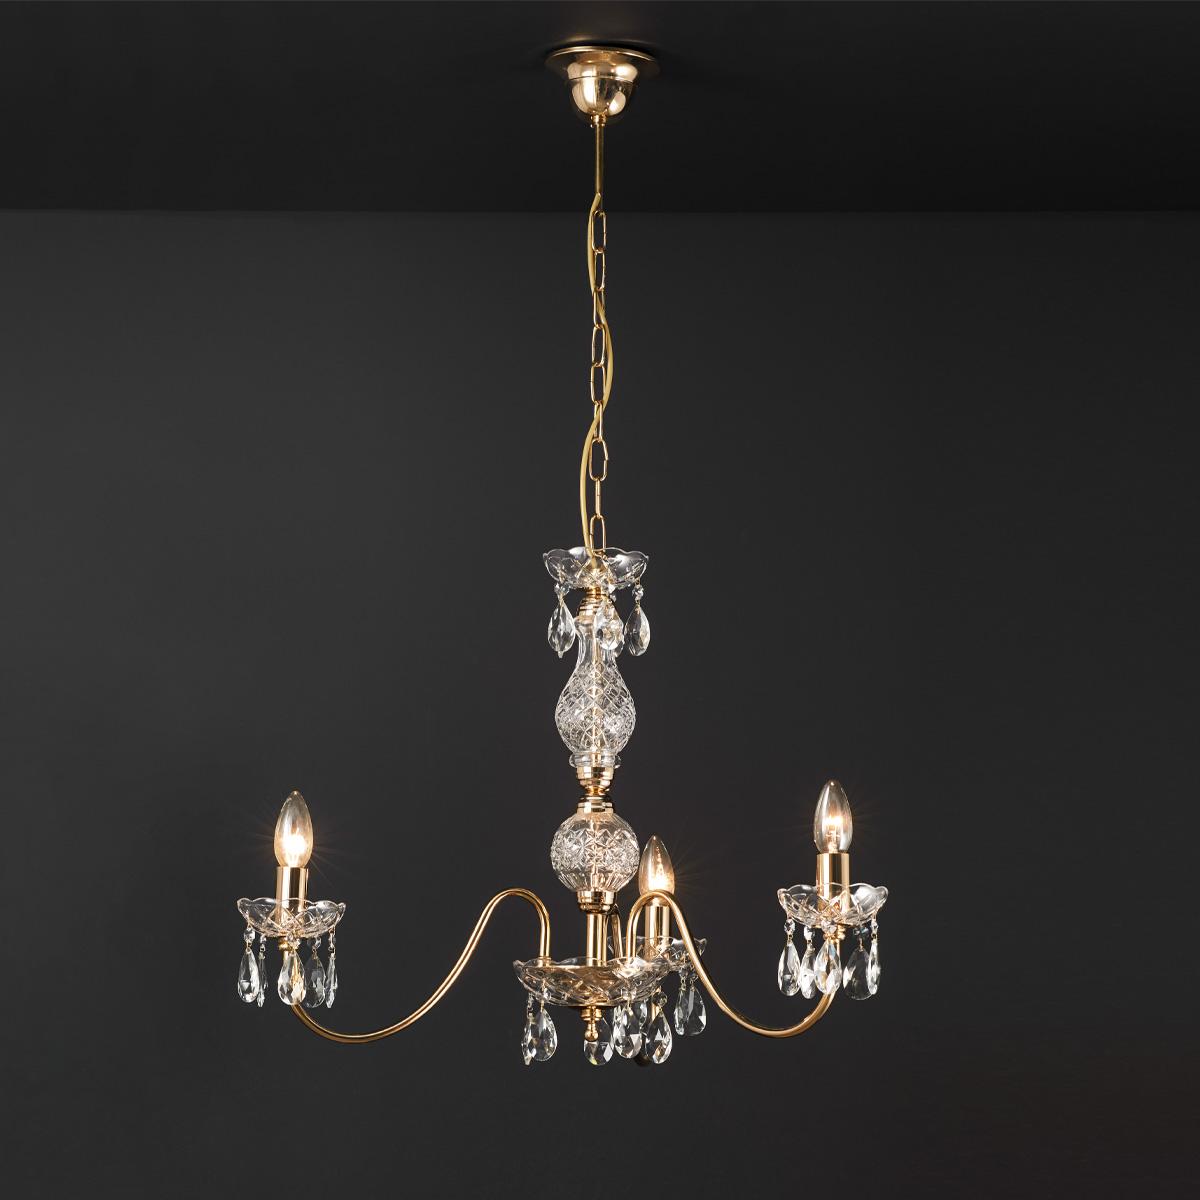 Κλασικό κρεμαστό φωτιστικό με κρύσταλλα ΒΕΡΓΙΝΑ classic chandelier with crystal accents